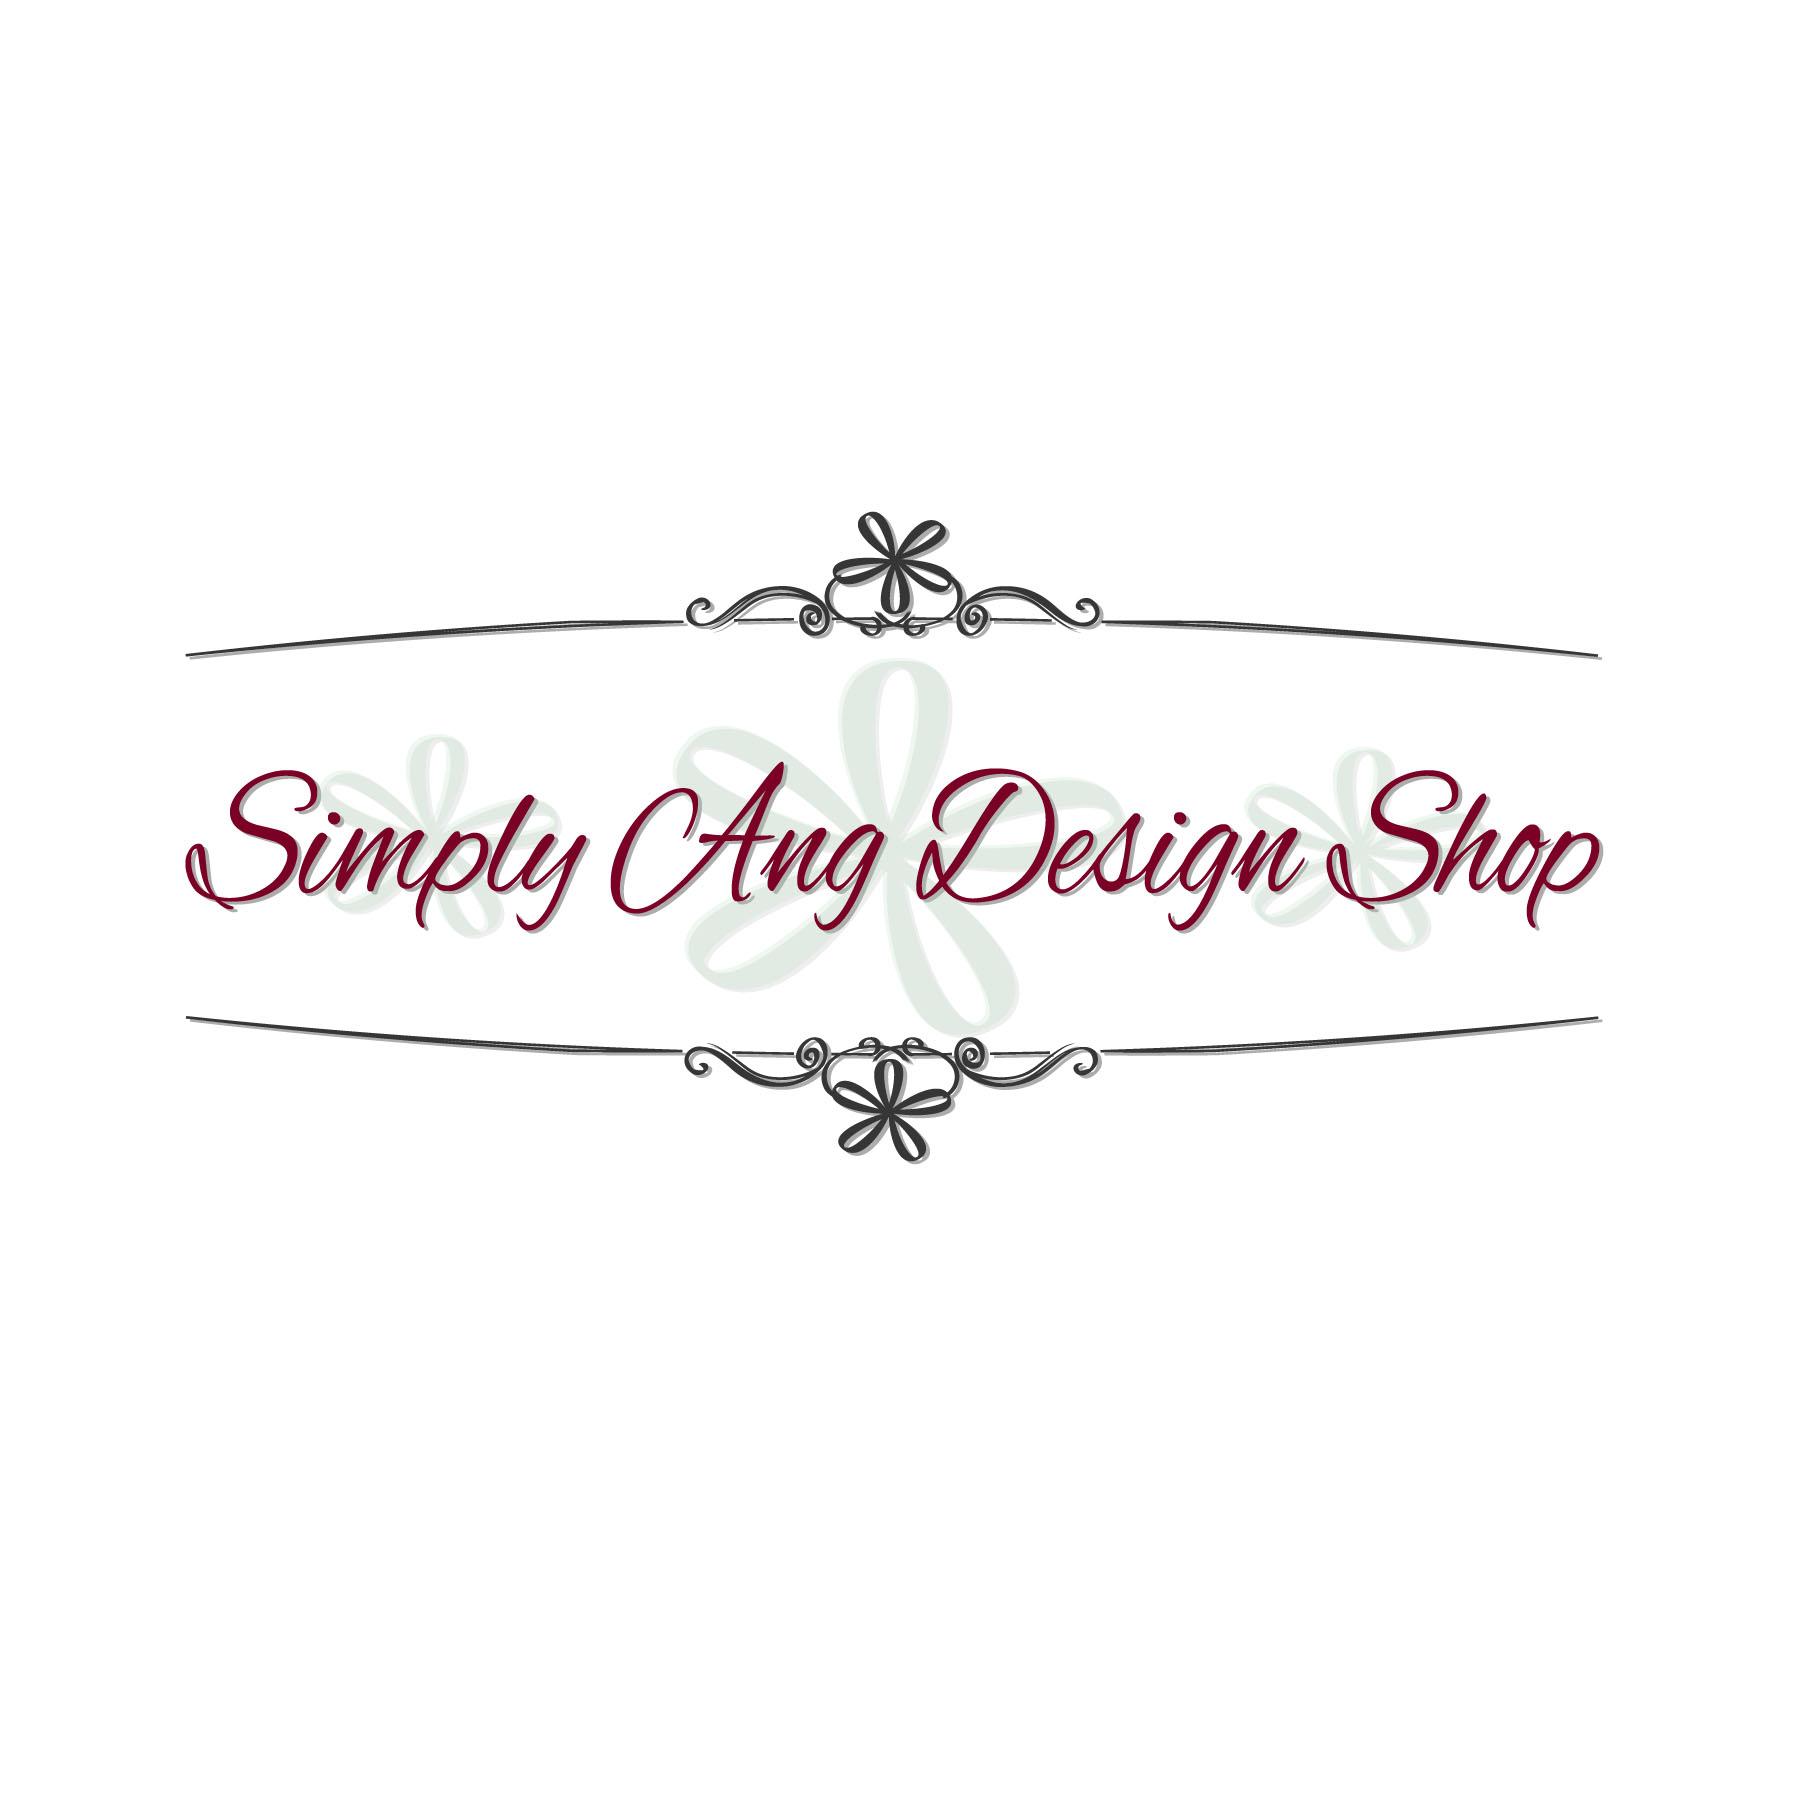 boutique logo1.jpg